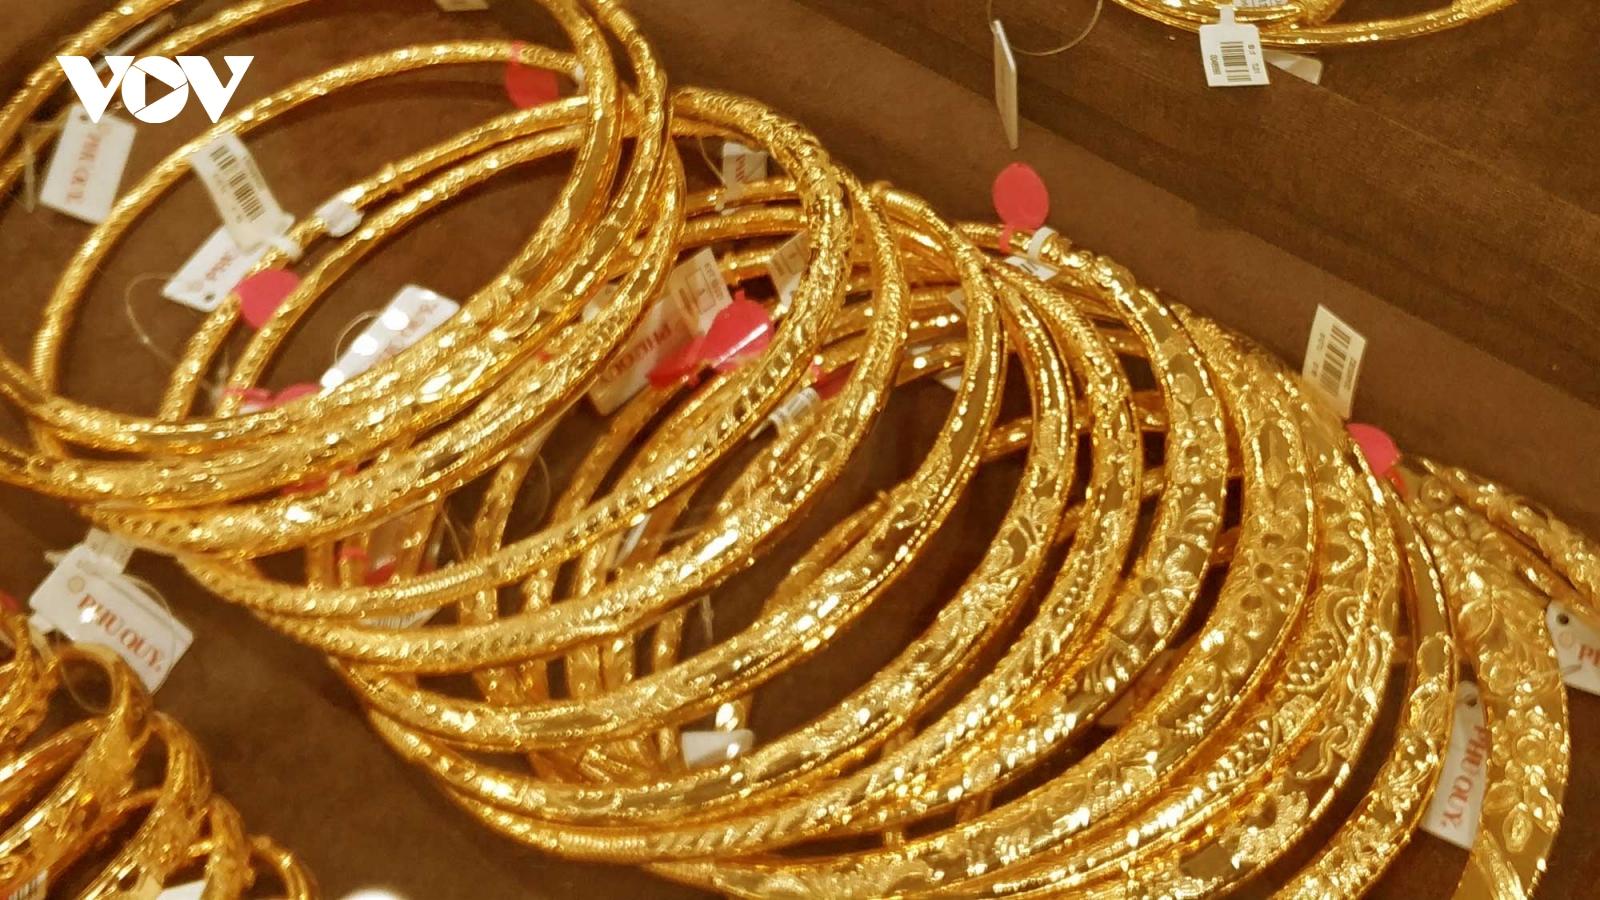 Giá vàng SJC đang cao hơn giá vàng thế giới trên 5 triệu đồng/lượng